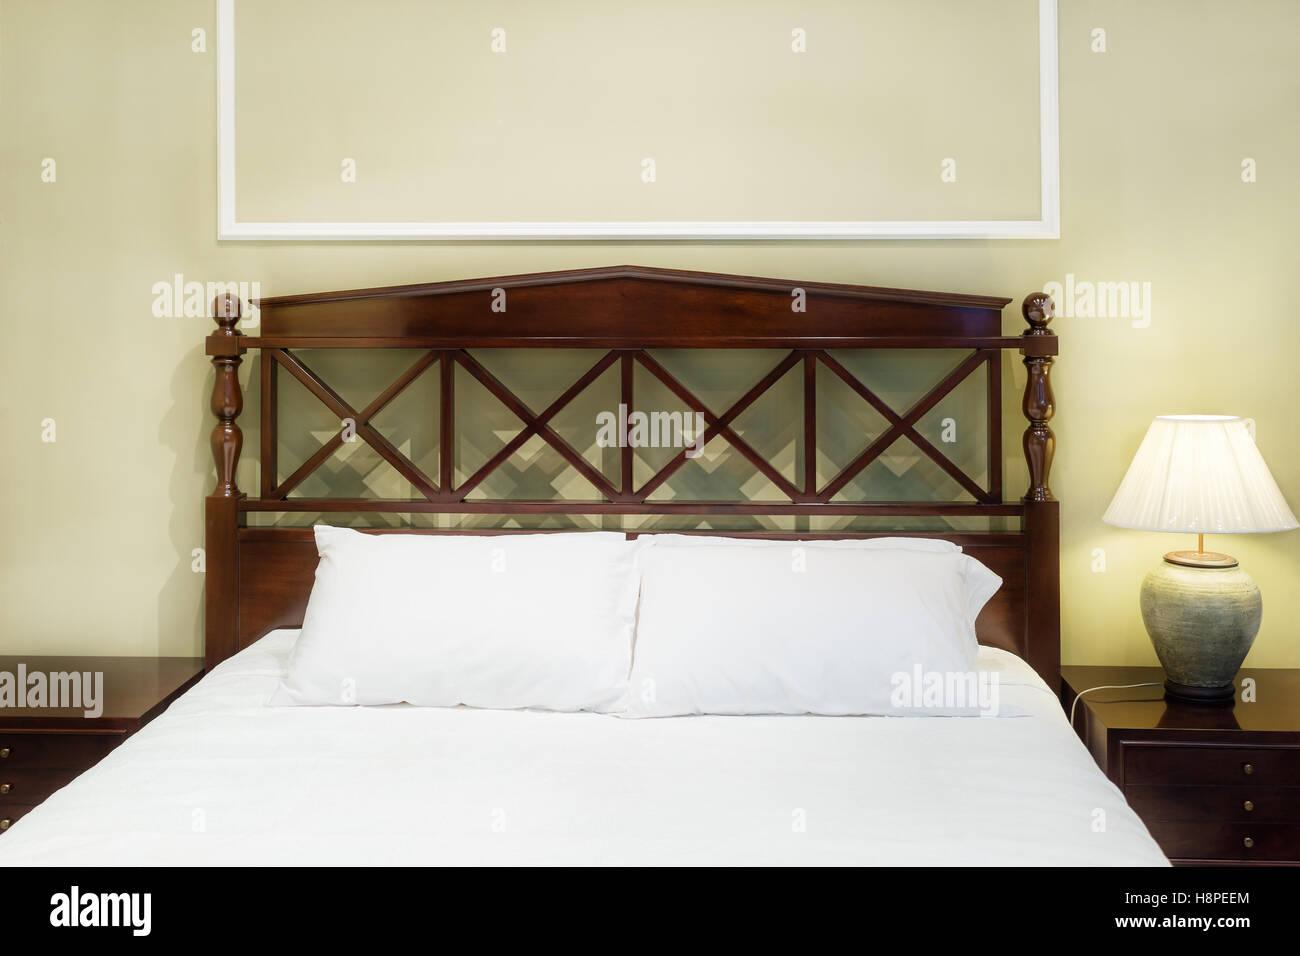 Camera Da Letto Vintage Moderno : Interiore camera da letto con letto matrimoniale e un cuscino di